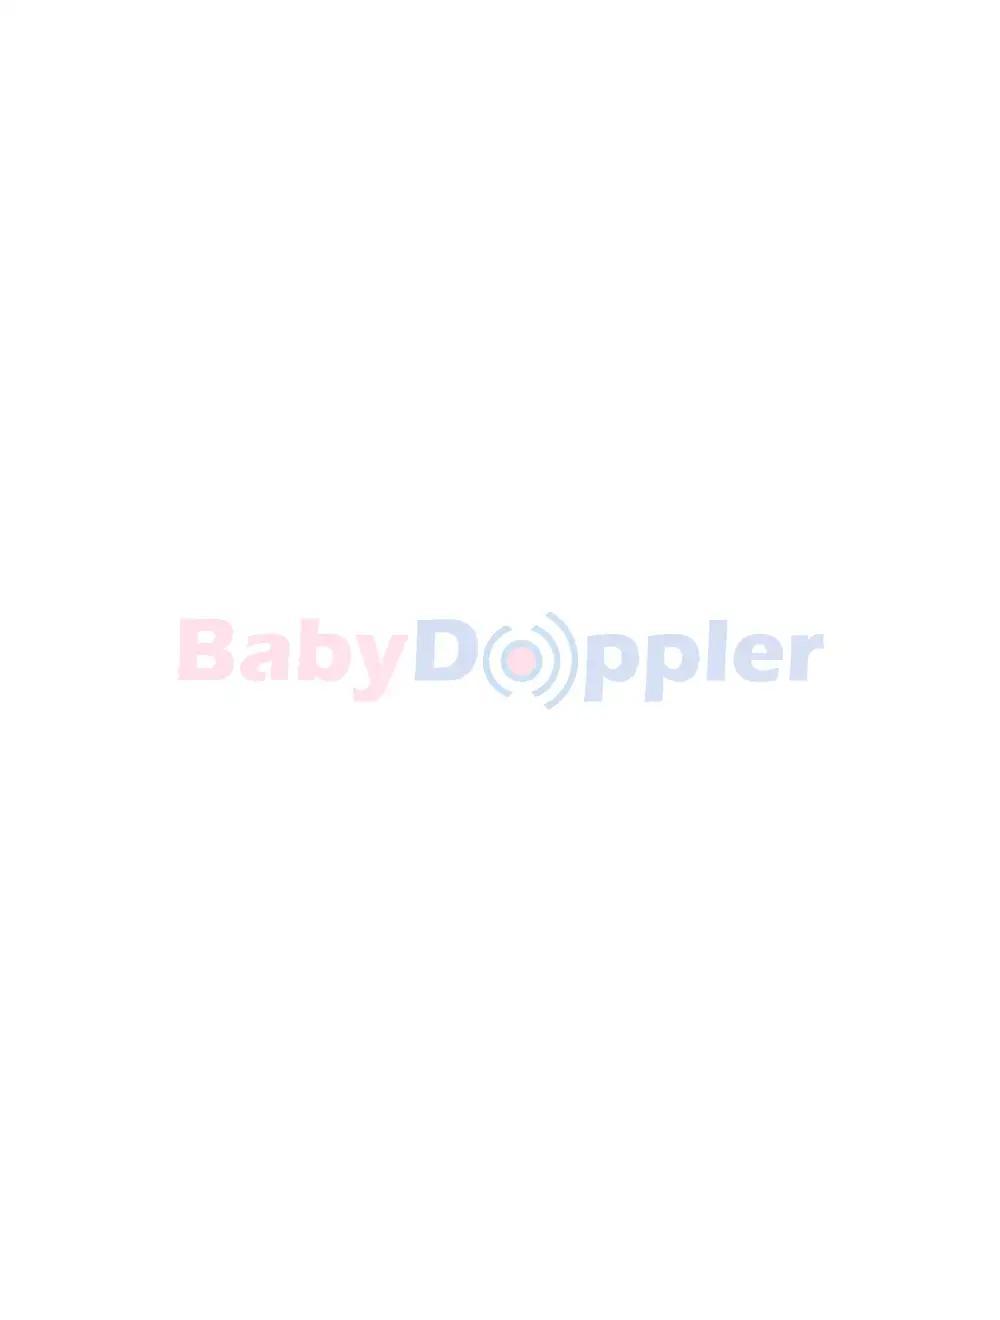 Baby Doppler Snotty Buddy - Nasal Aspirator